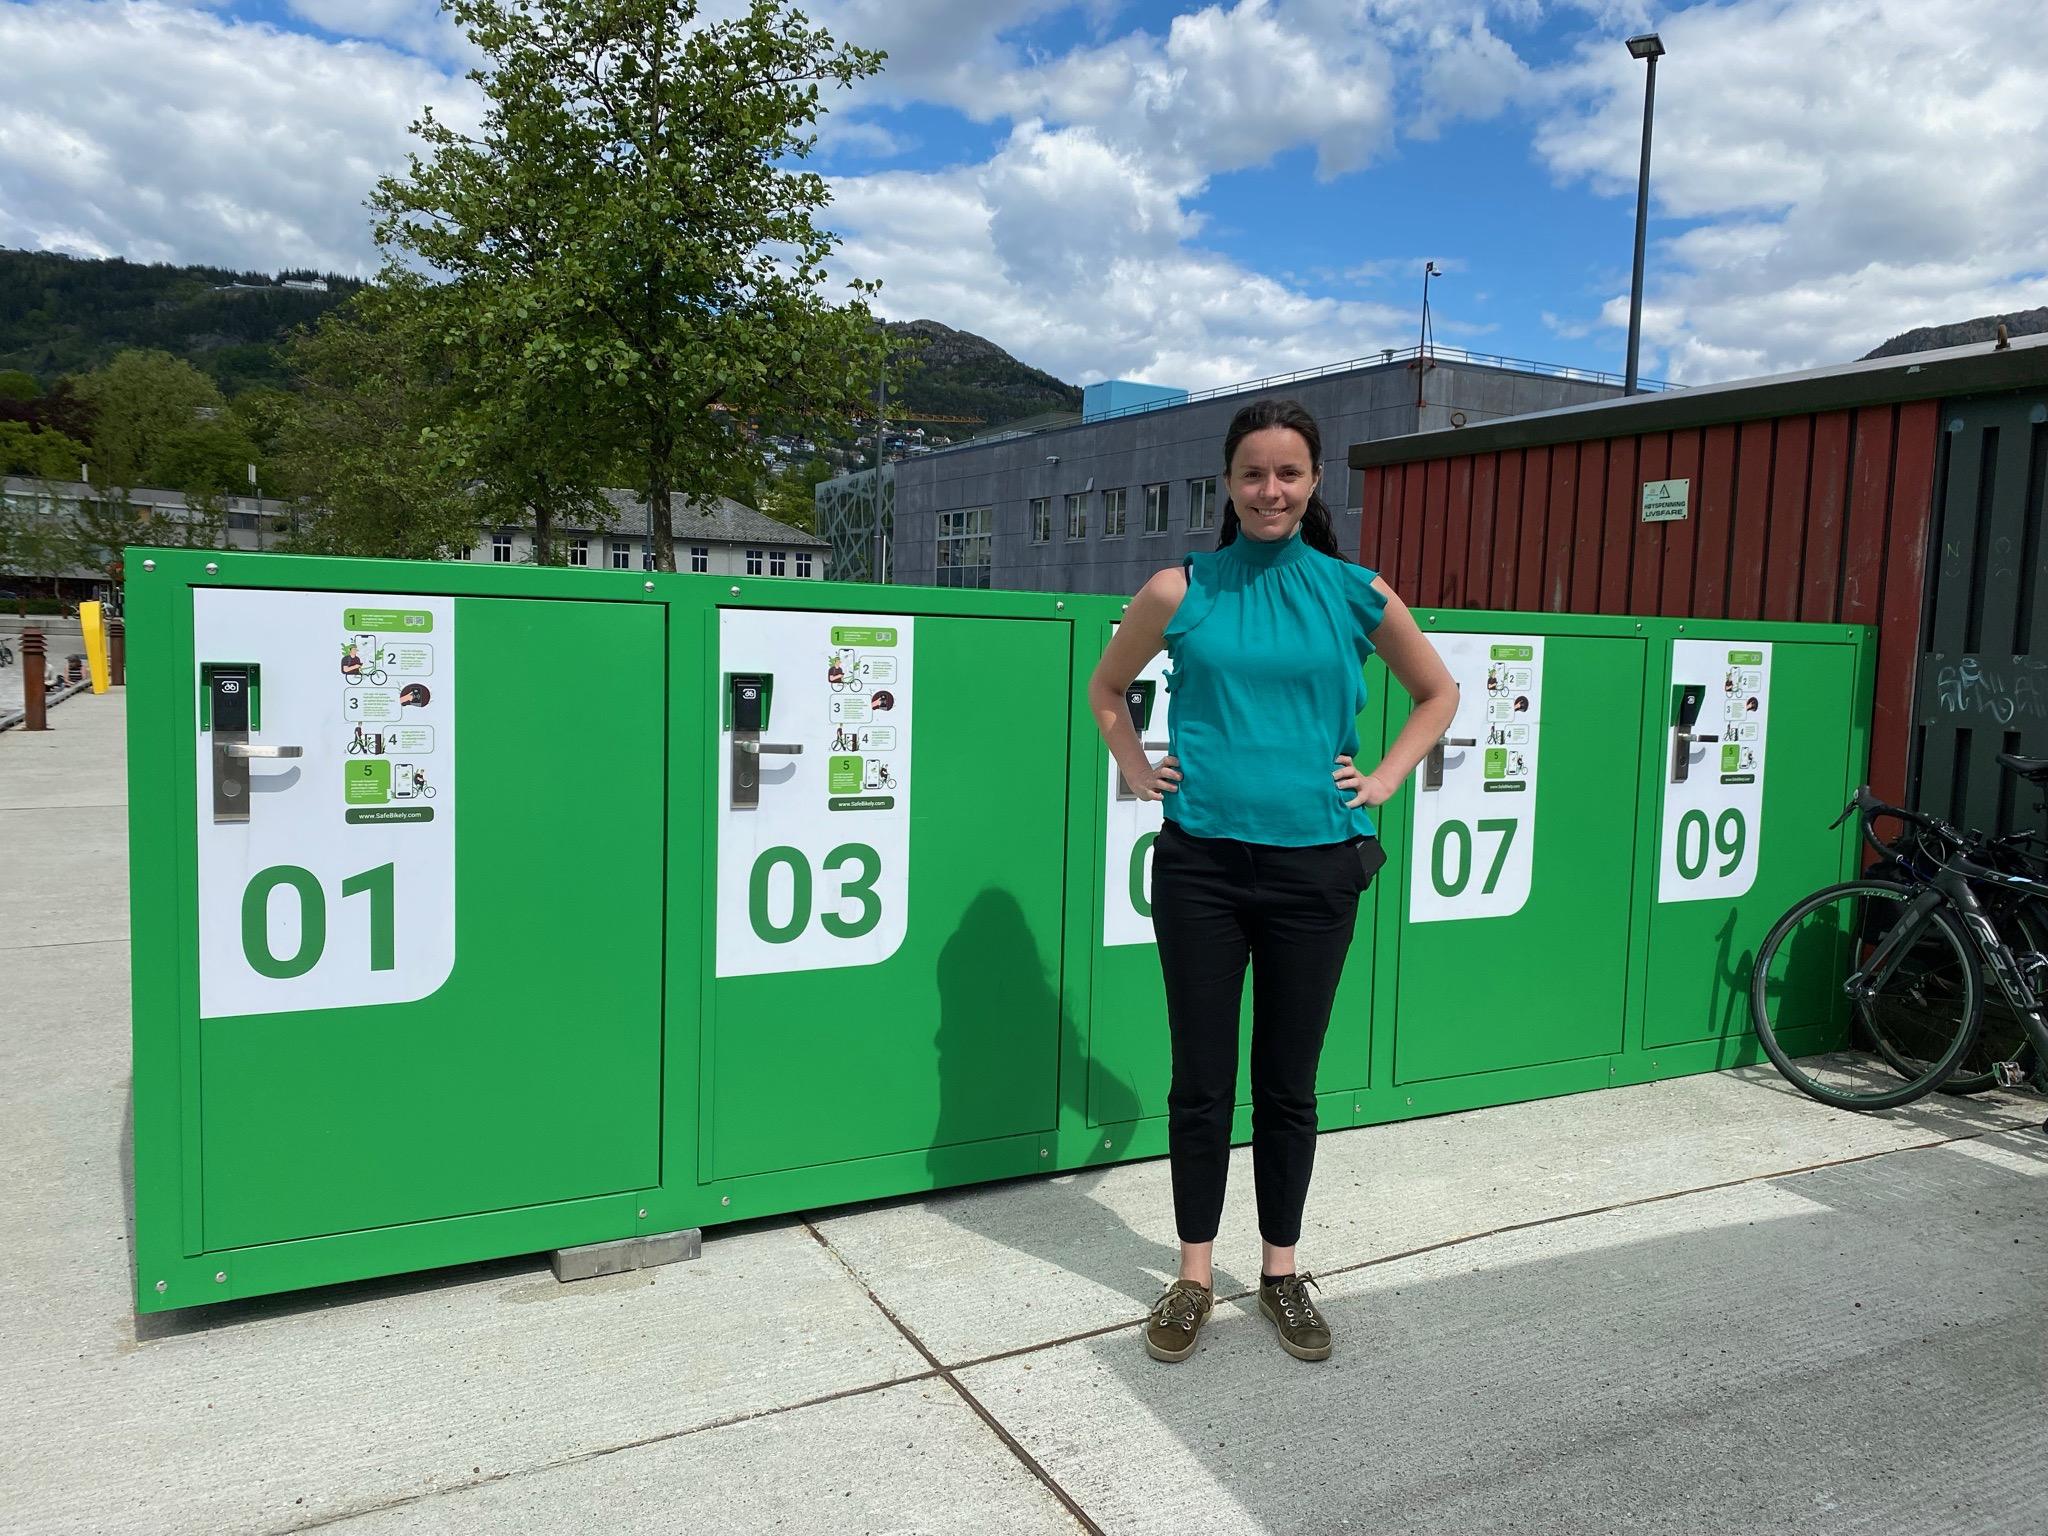 Slik skal sykkeltyveri i Bergen stoppes